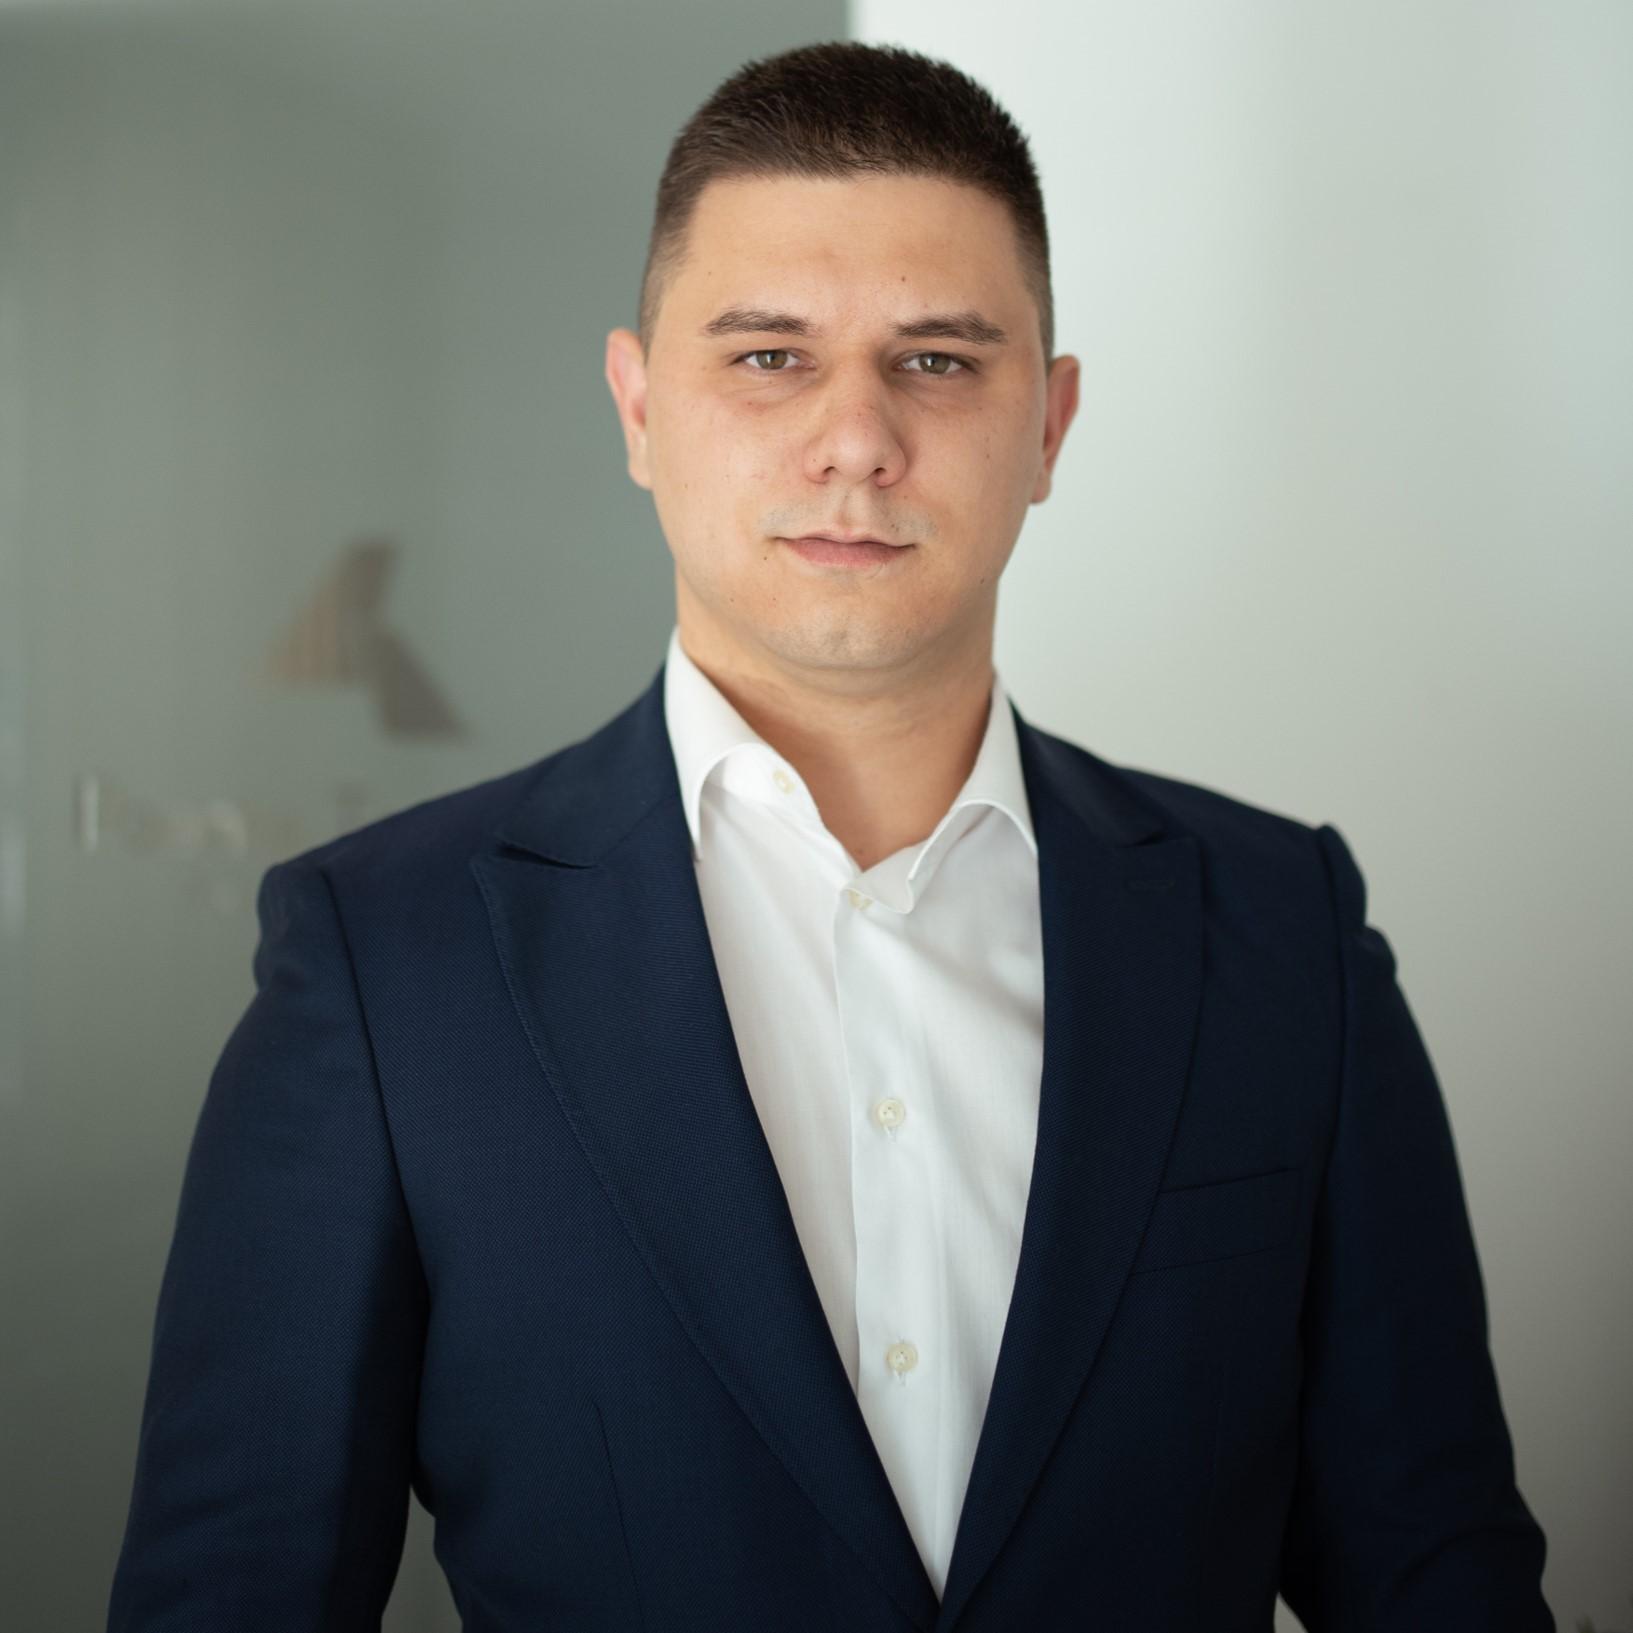 Filip Slijepčević